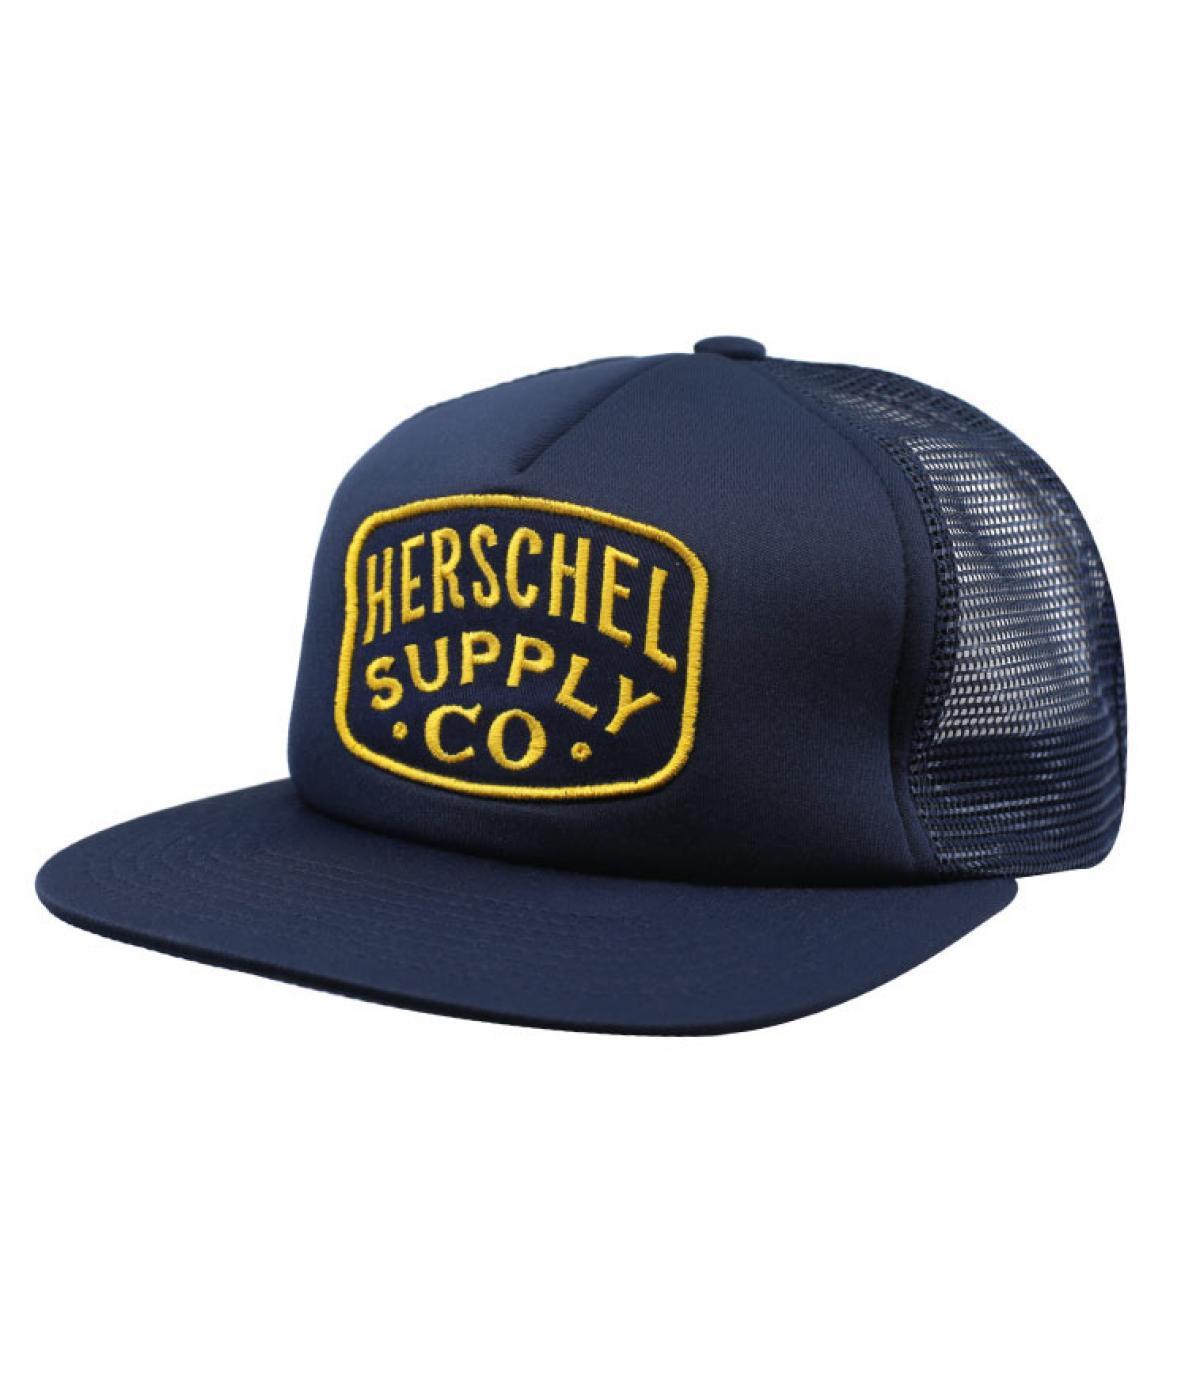 trucker Herschel bleu